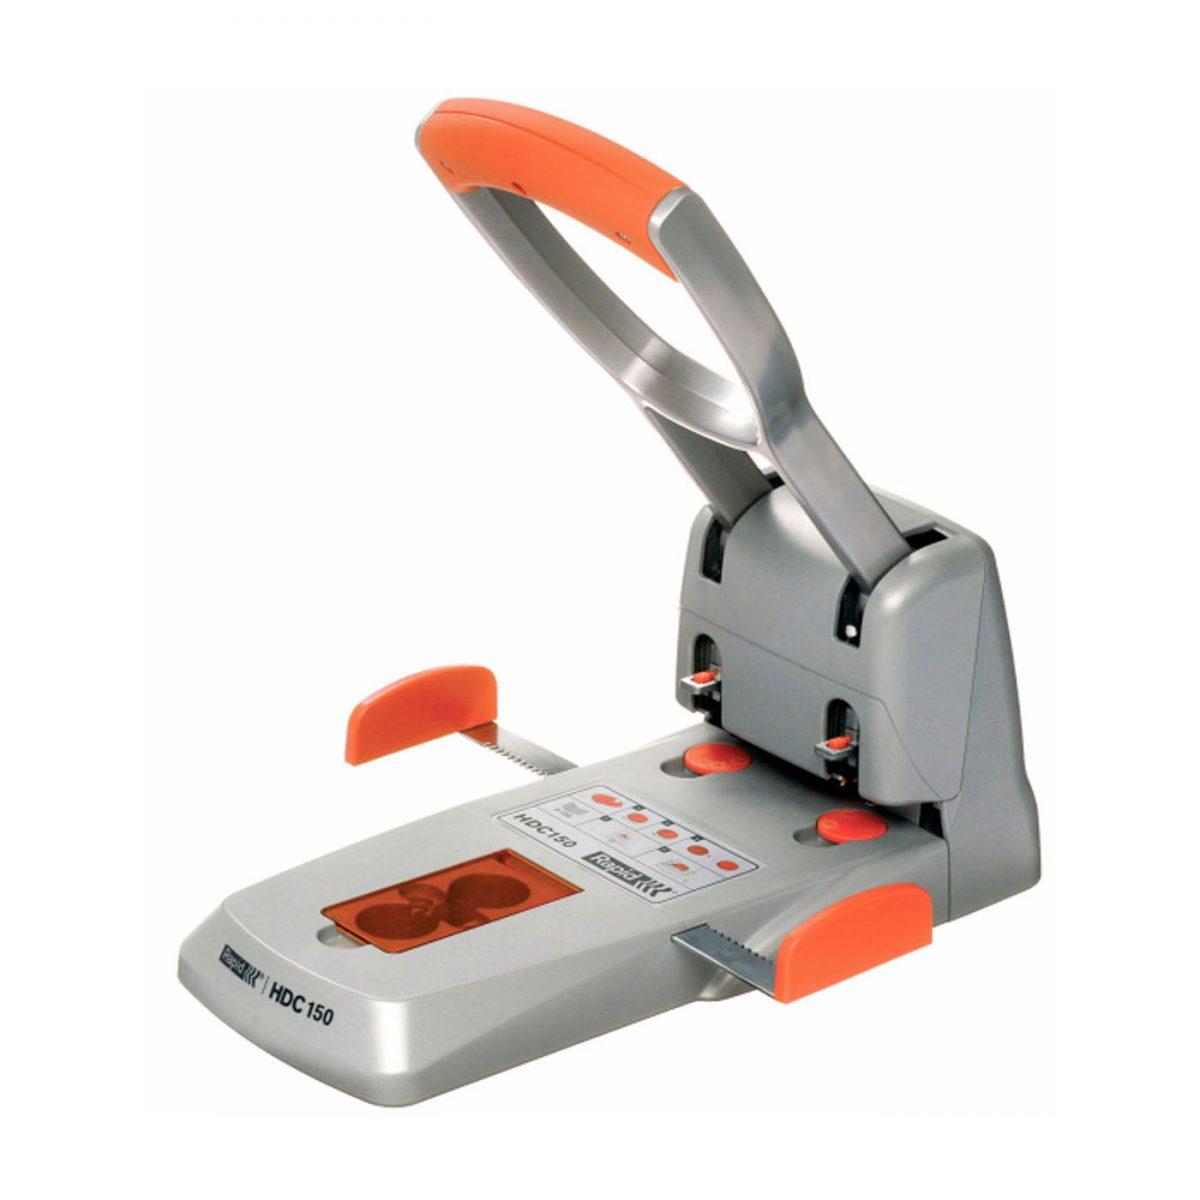 Perforator RAPID Supreme HDC 150/2, 150 coli - argintiu/portocaliu